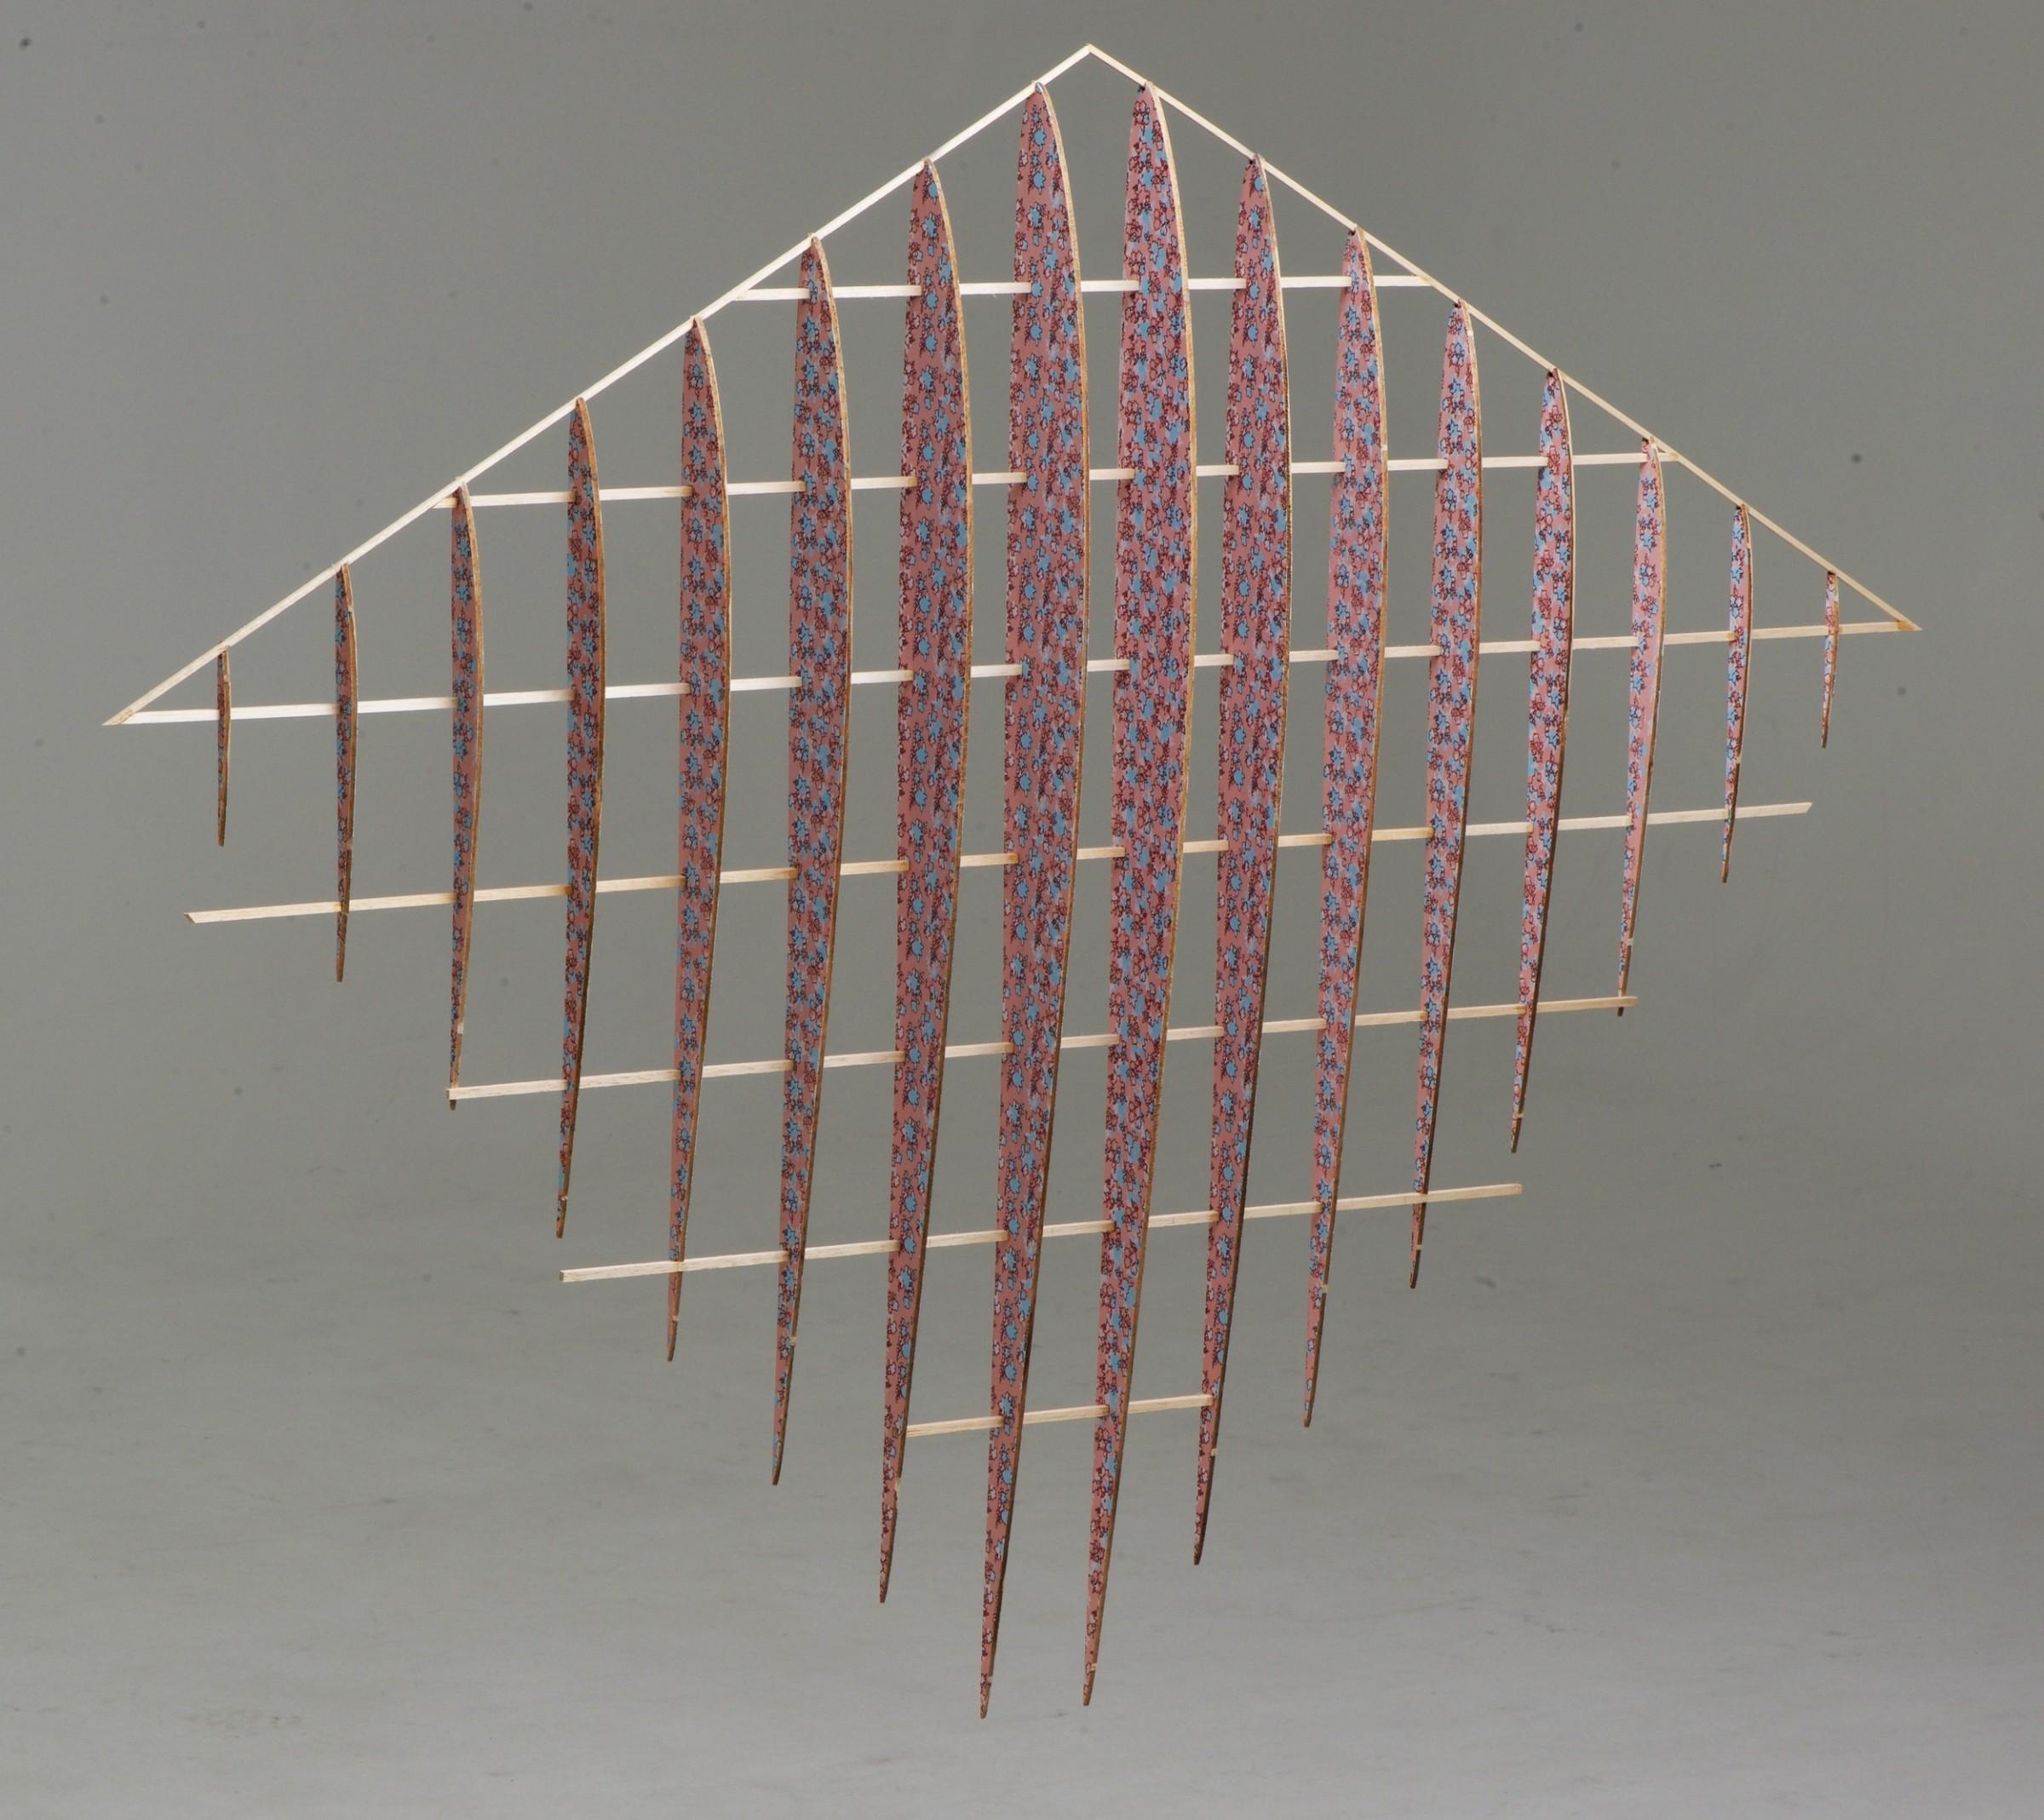 """<span class=""""link fancybox-details-link""""><a href=""""/exhibitions/20/works/artworks_standalone10738/"""">View Detail Page</a></span><div class=""""artist""""><span class=""""artist""""><strong>Stephen Hoskins RE</strong></span></div><div class=""""title""""><em>Belgian Wings</em></div><div class=""""medium"""">screenprint on laser cut balsa wood</div><div class=""""dimensions"""">90 x 110 cm<br></div><div class=""""edition_details"""">unique</div>"""